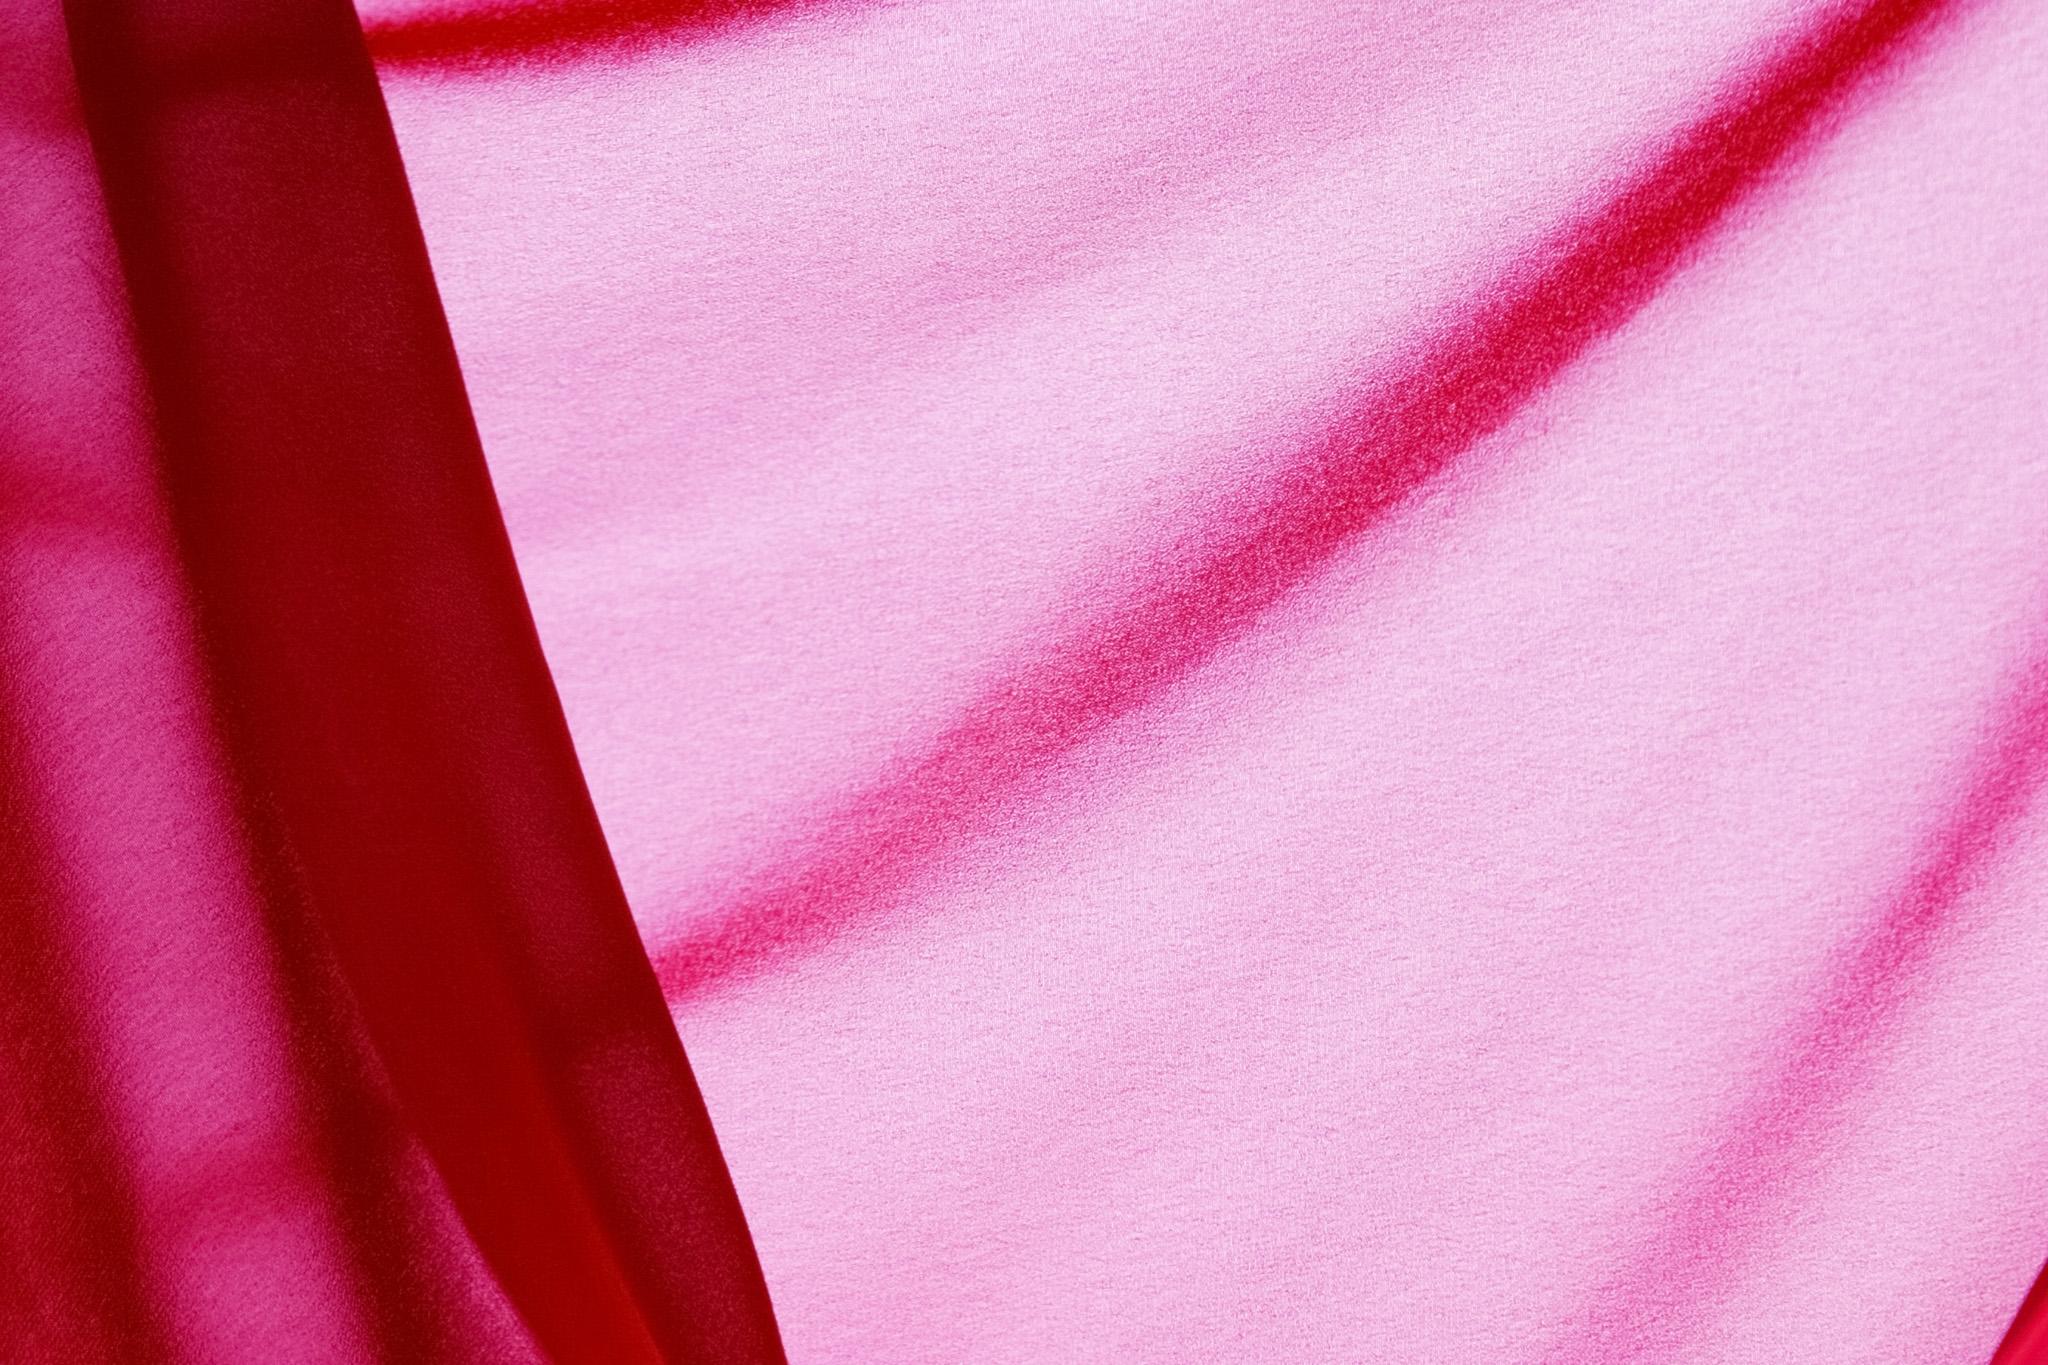 「春を感じる華やかなピンクの布」